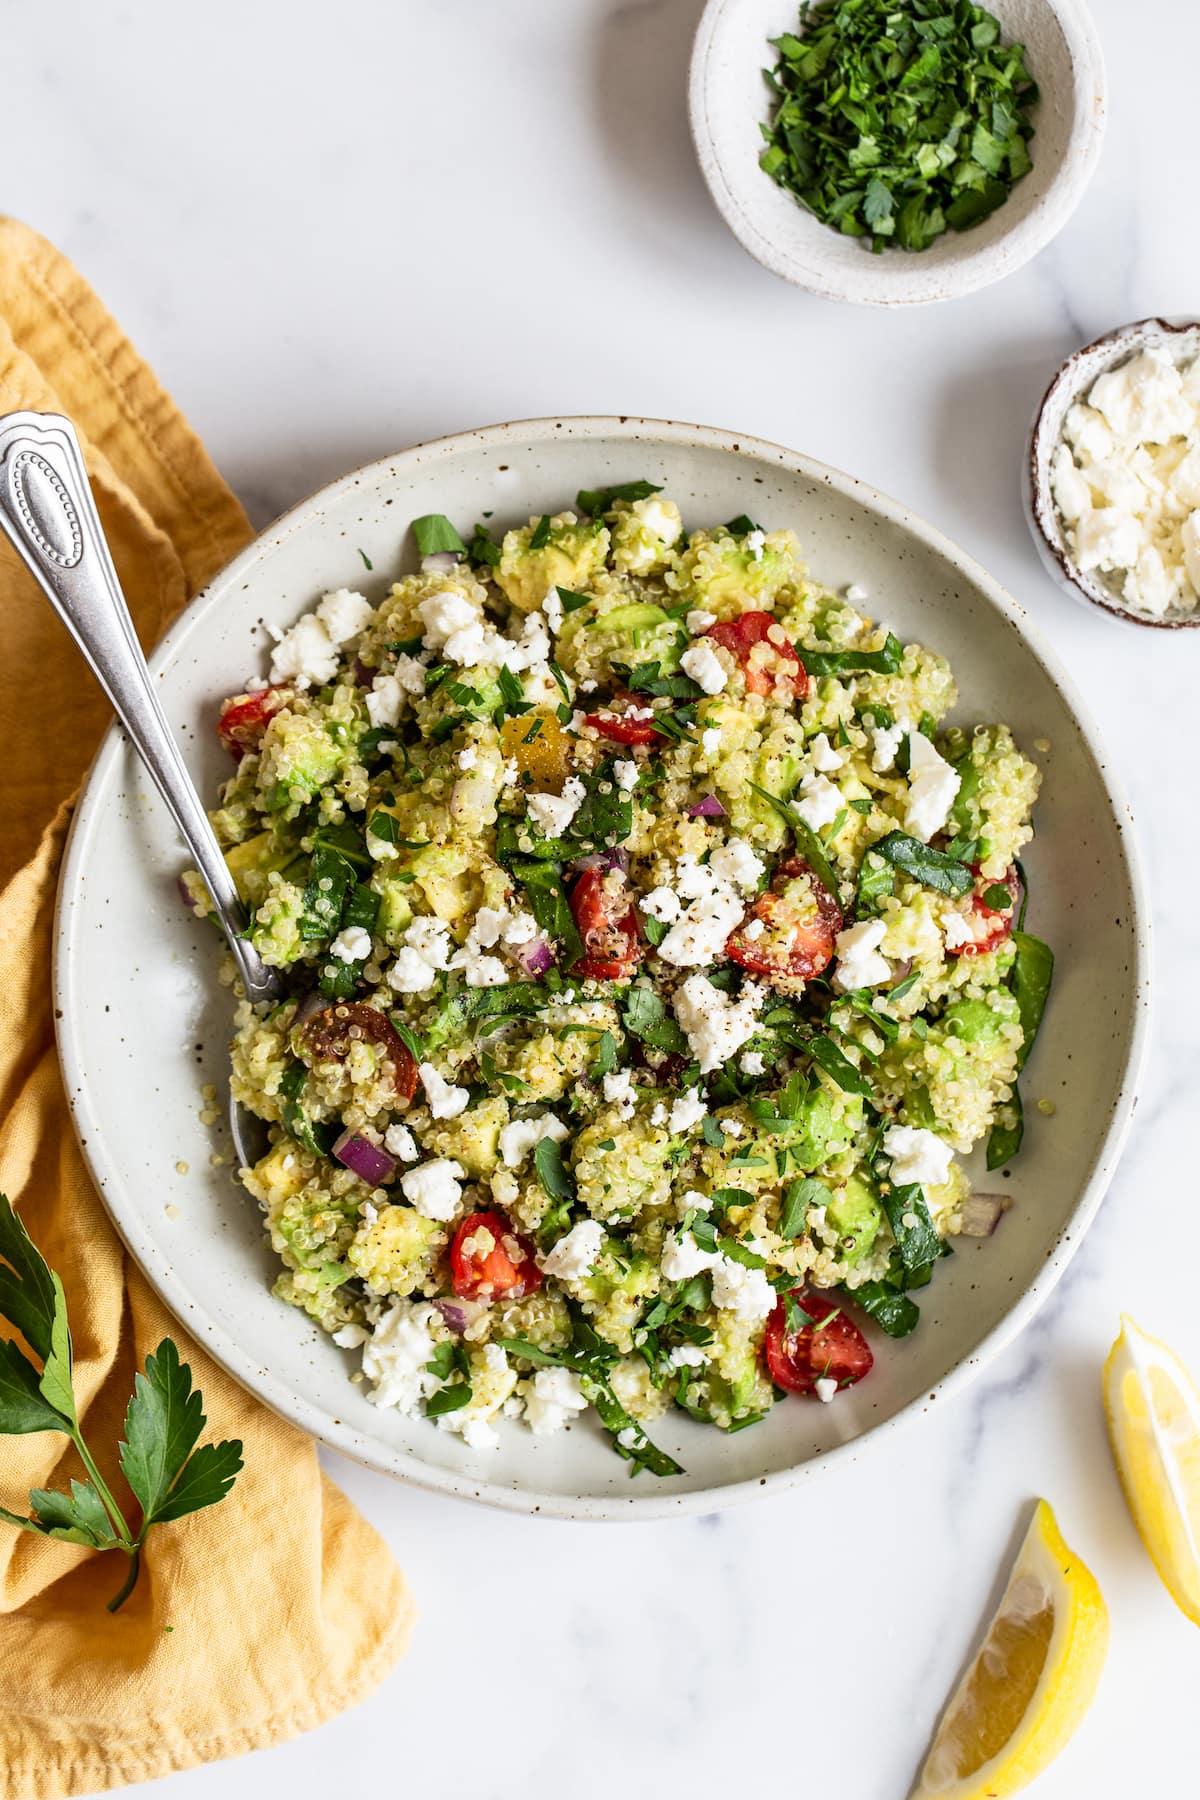 Salad Recipes Using Quinoa